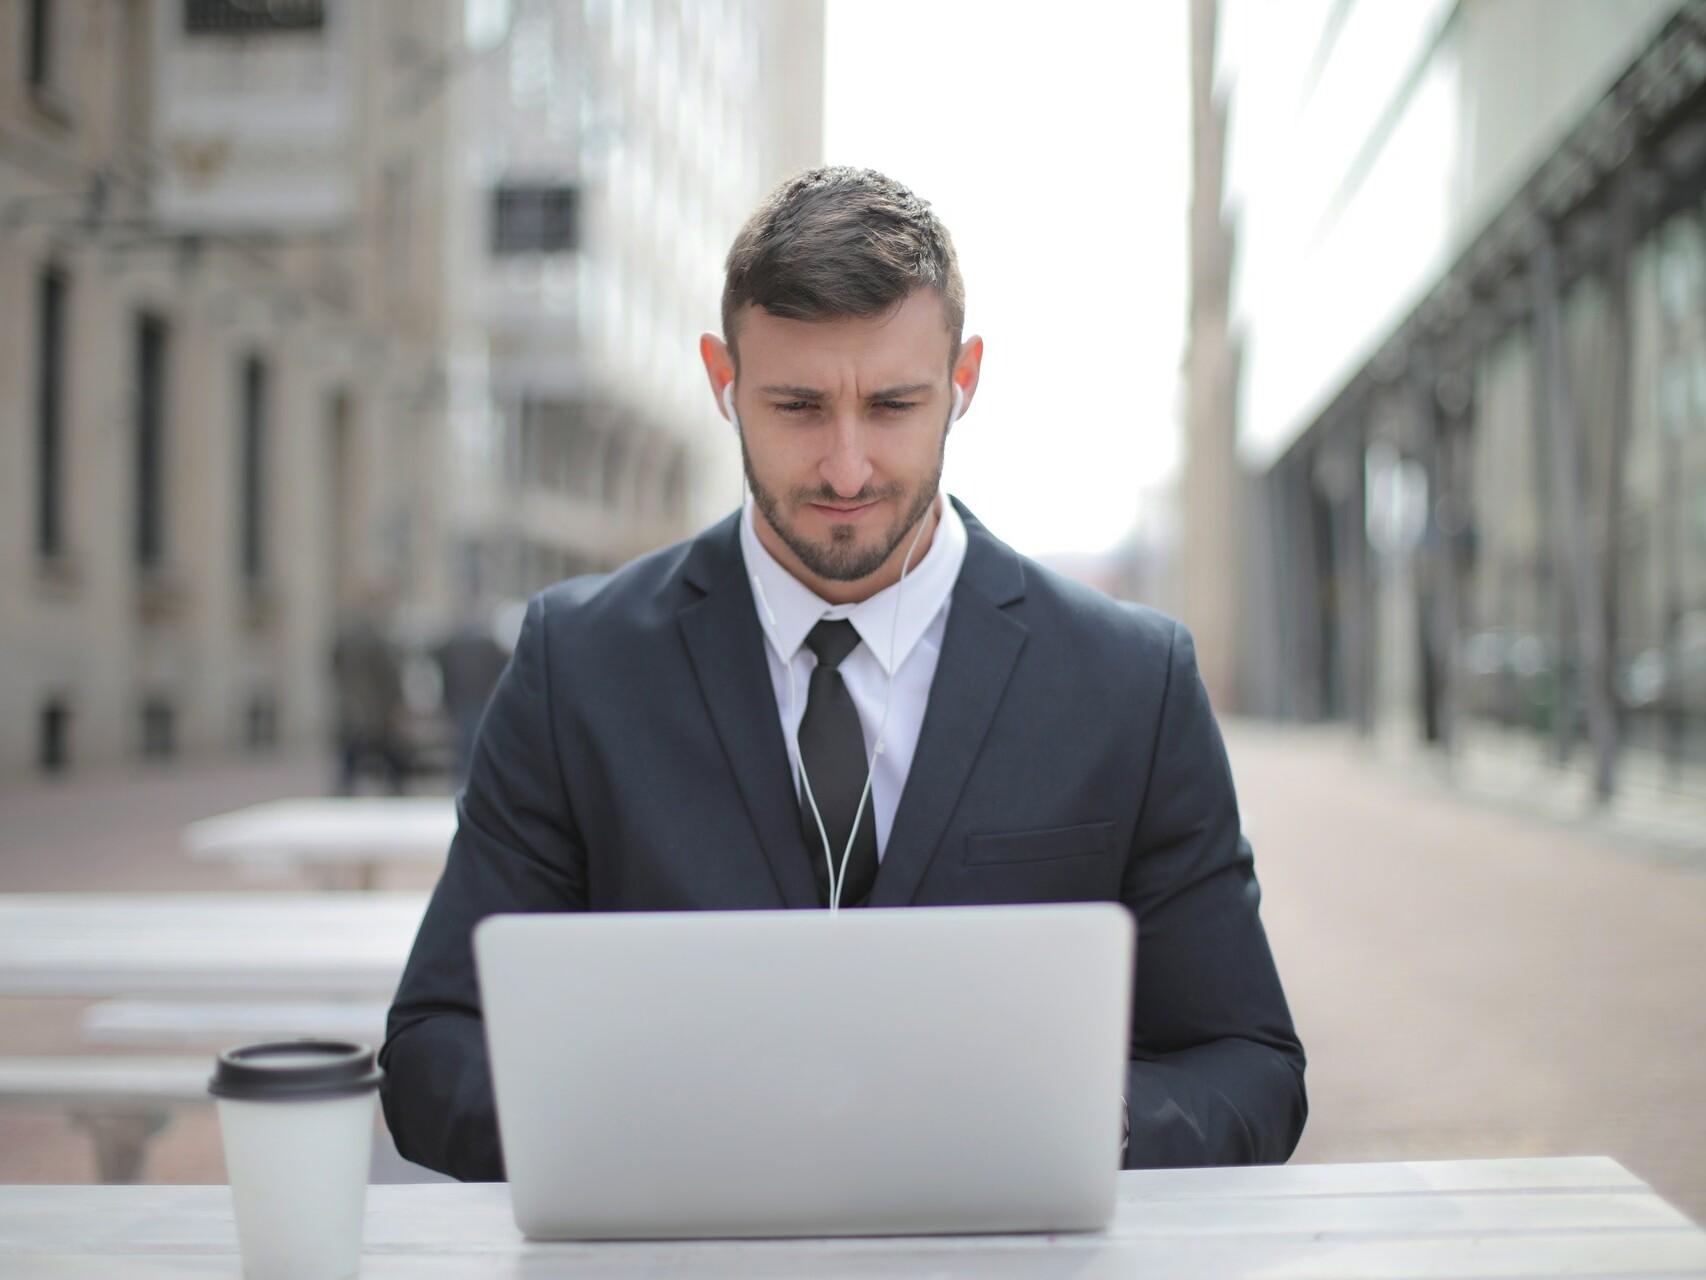 Mann sitzt am Tisch in der Fußgängerzone ganz allein am Laptop.